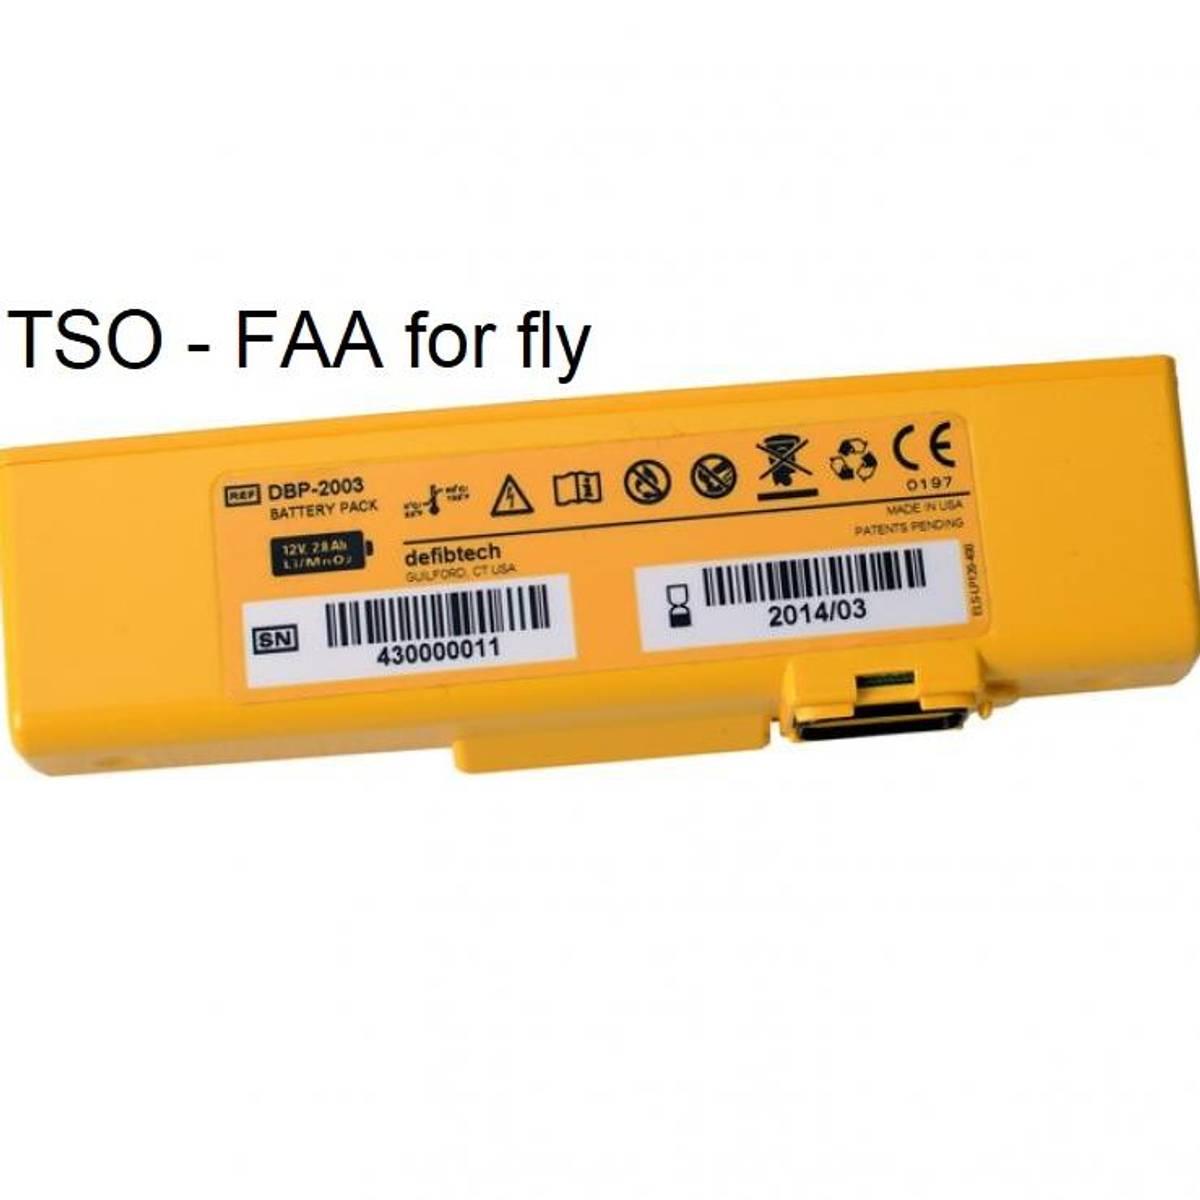 Lifeline VIEW/PRO Batteri TSO godkjent - 4 år